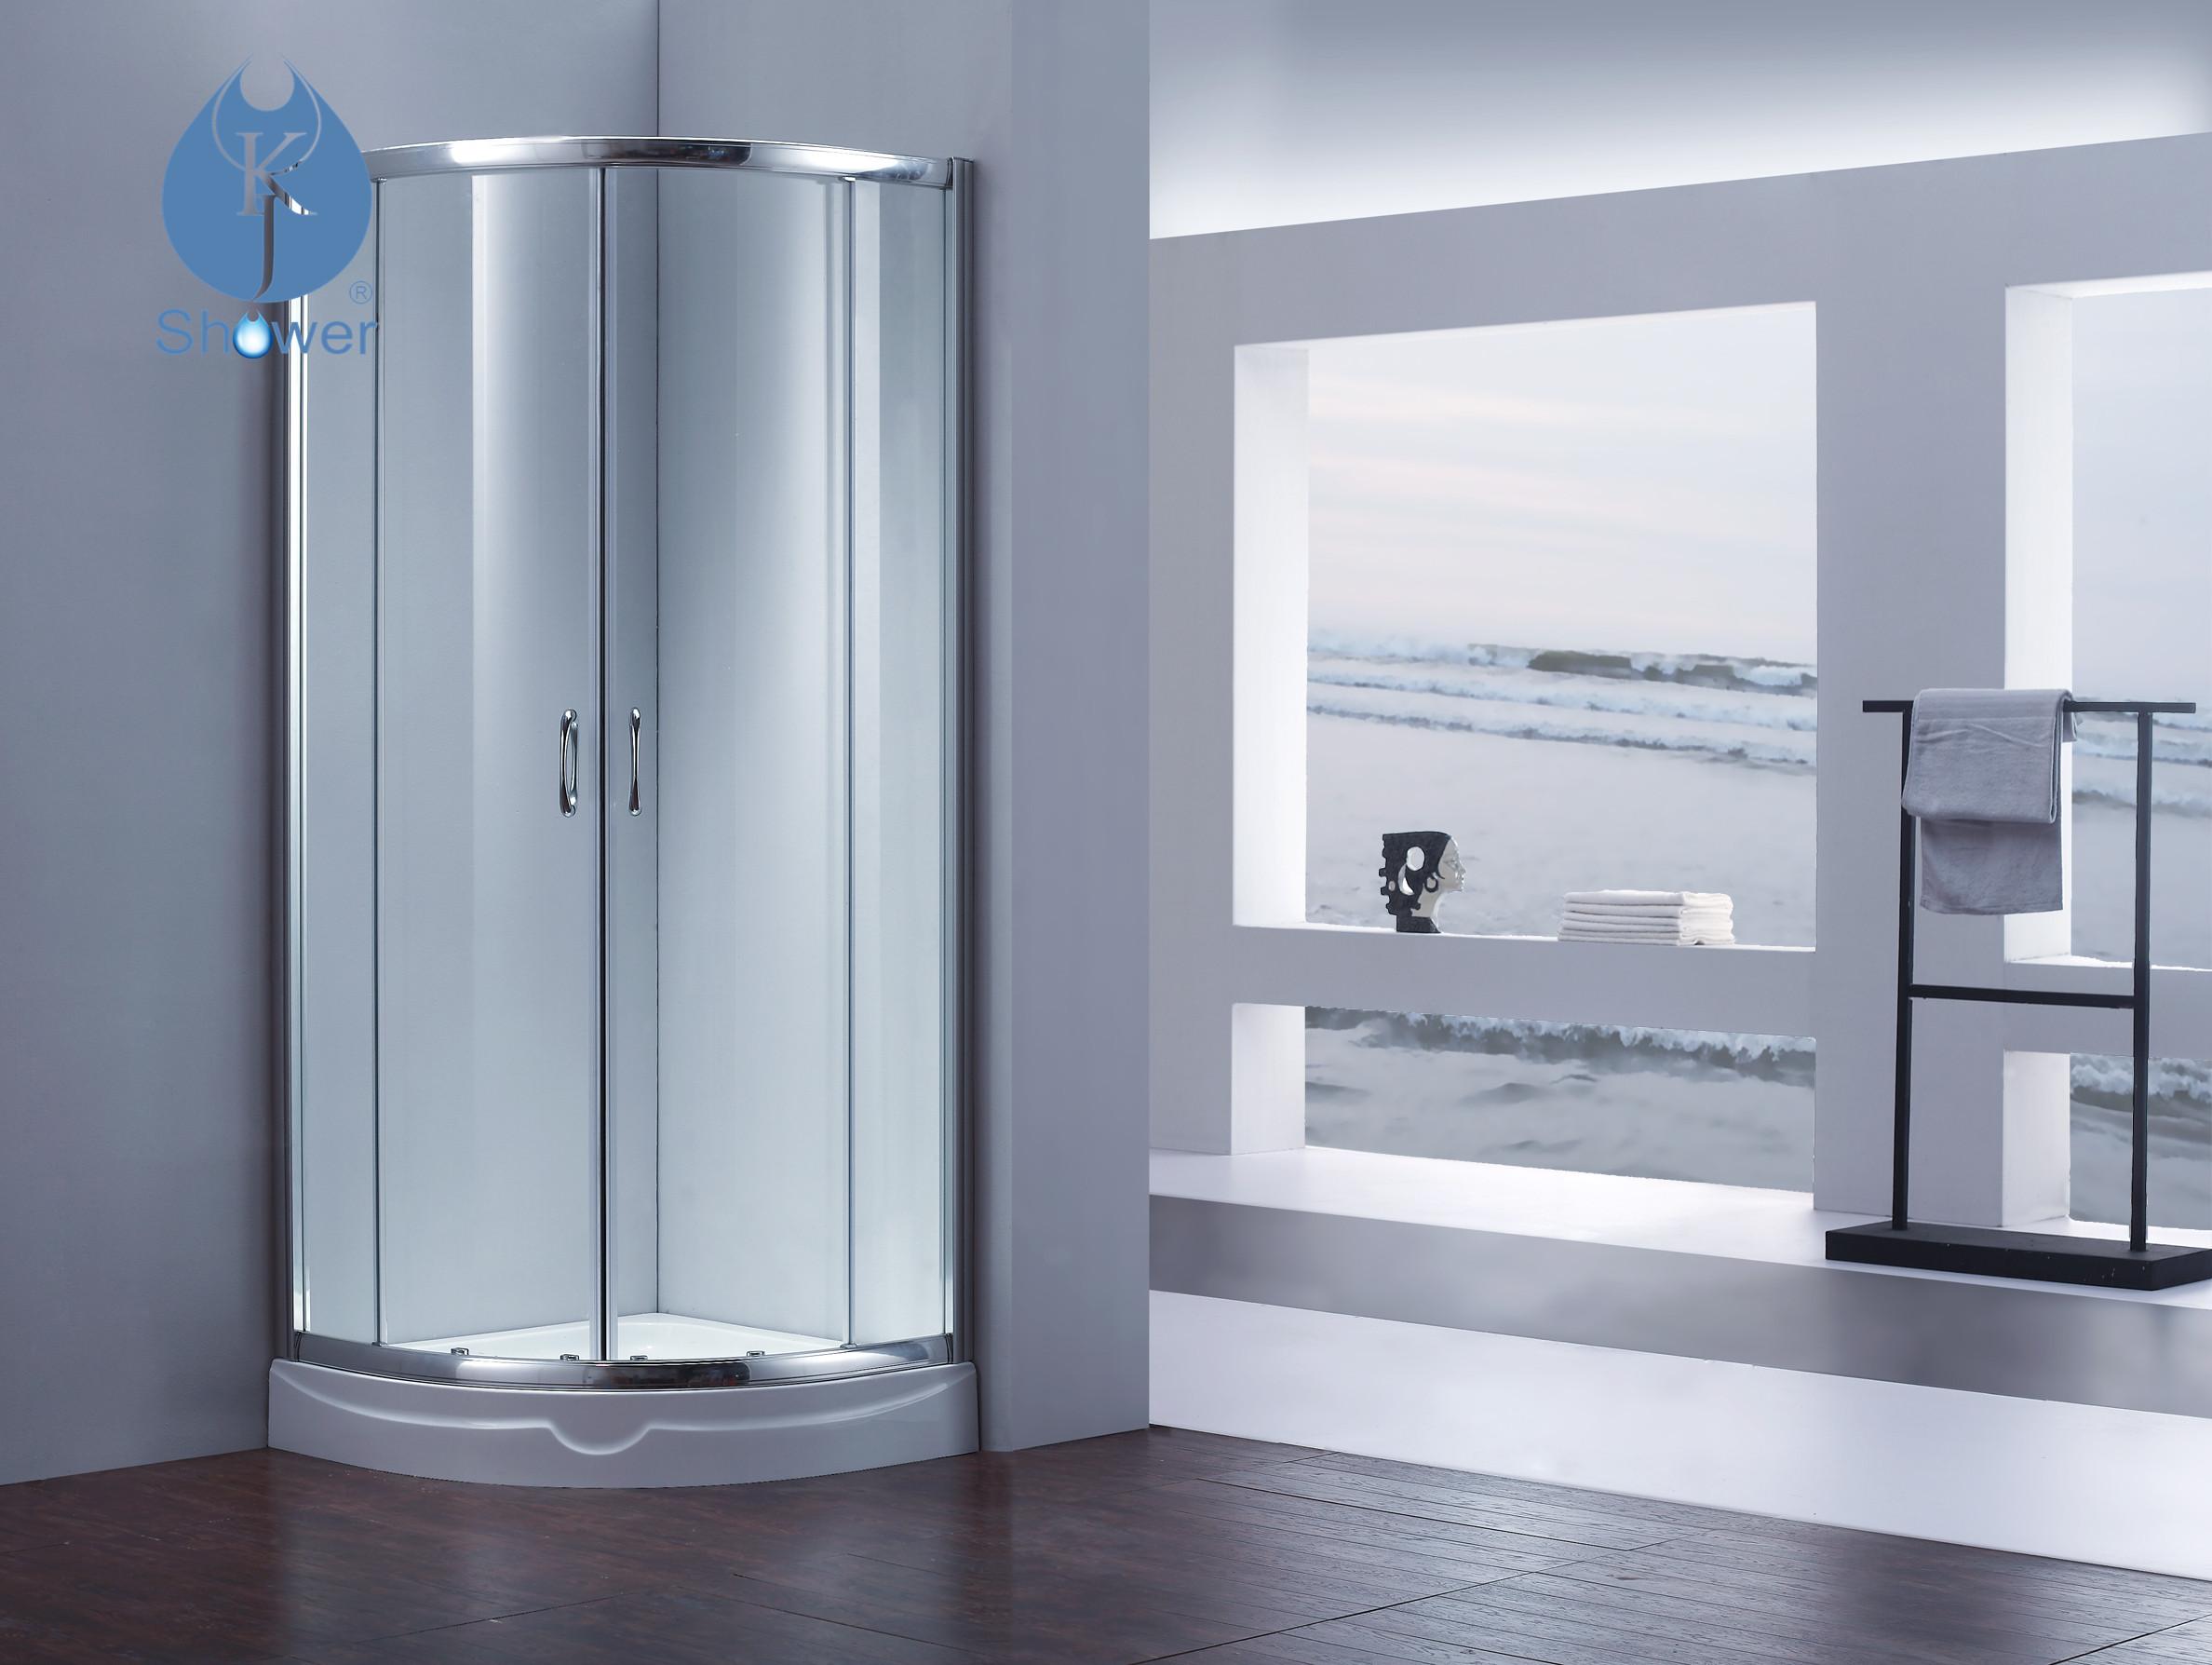 角形淋浴房,直插式浴缸,弧形淋浴房,浴缸上的浴缸等;方形,整圆形,根